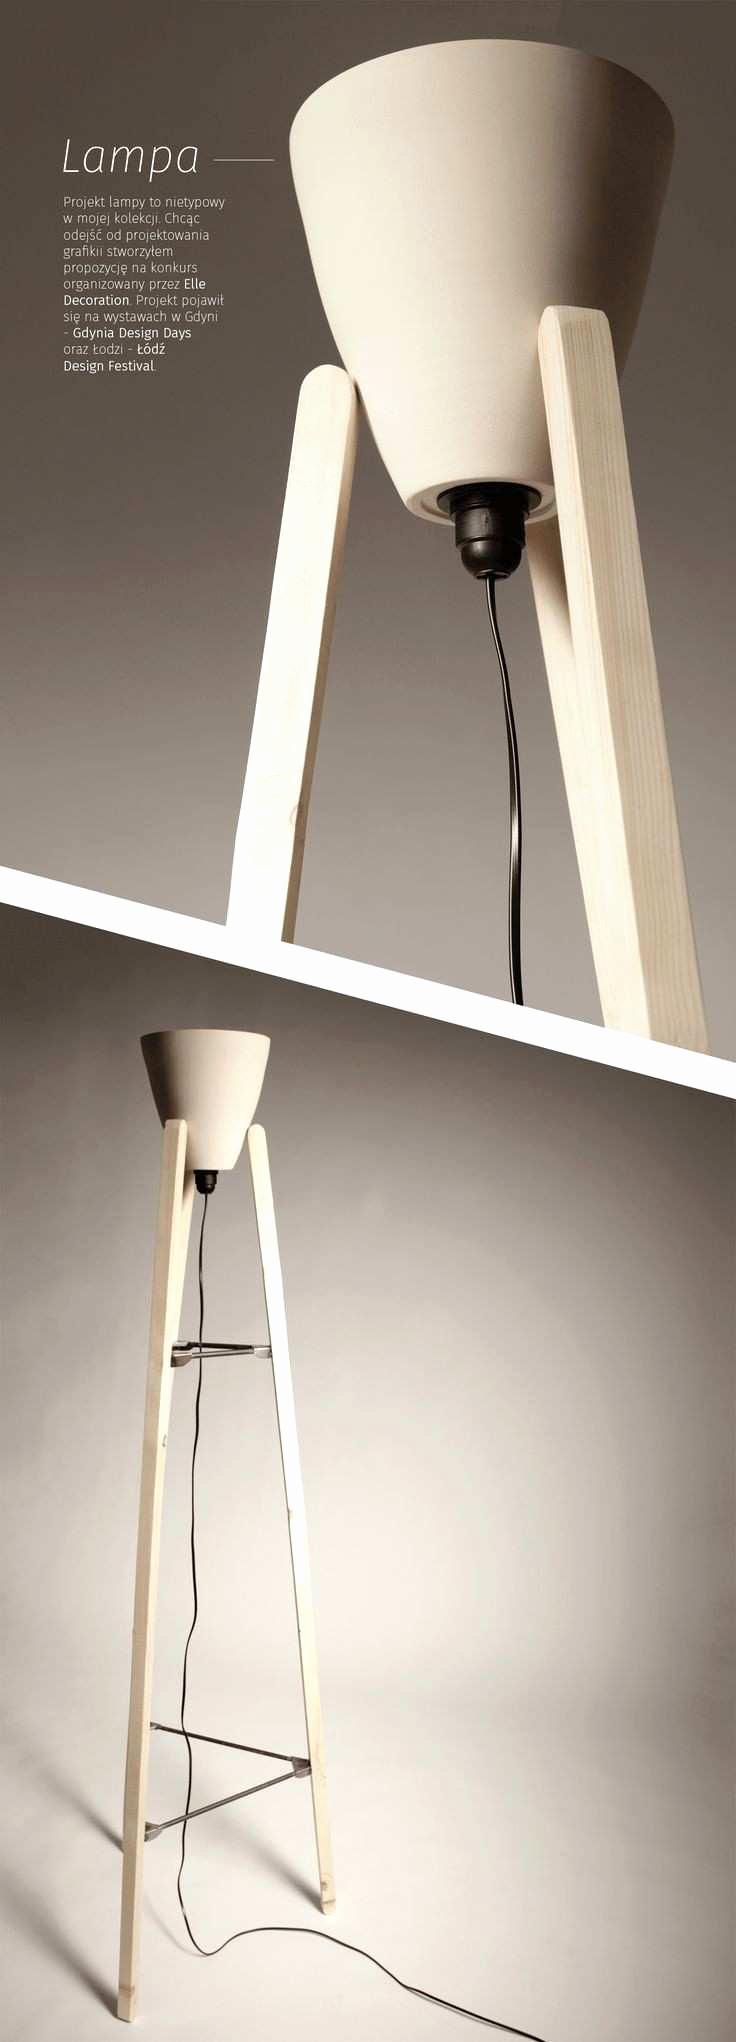 Full Size of Deckenlampe Industriedesign Bad Küche Deckenlampen Wohnzimmer Modern Schlafzimmer Industrial Esstisch Für Wohnzimmer Deckenlampe Industrial